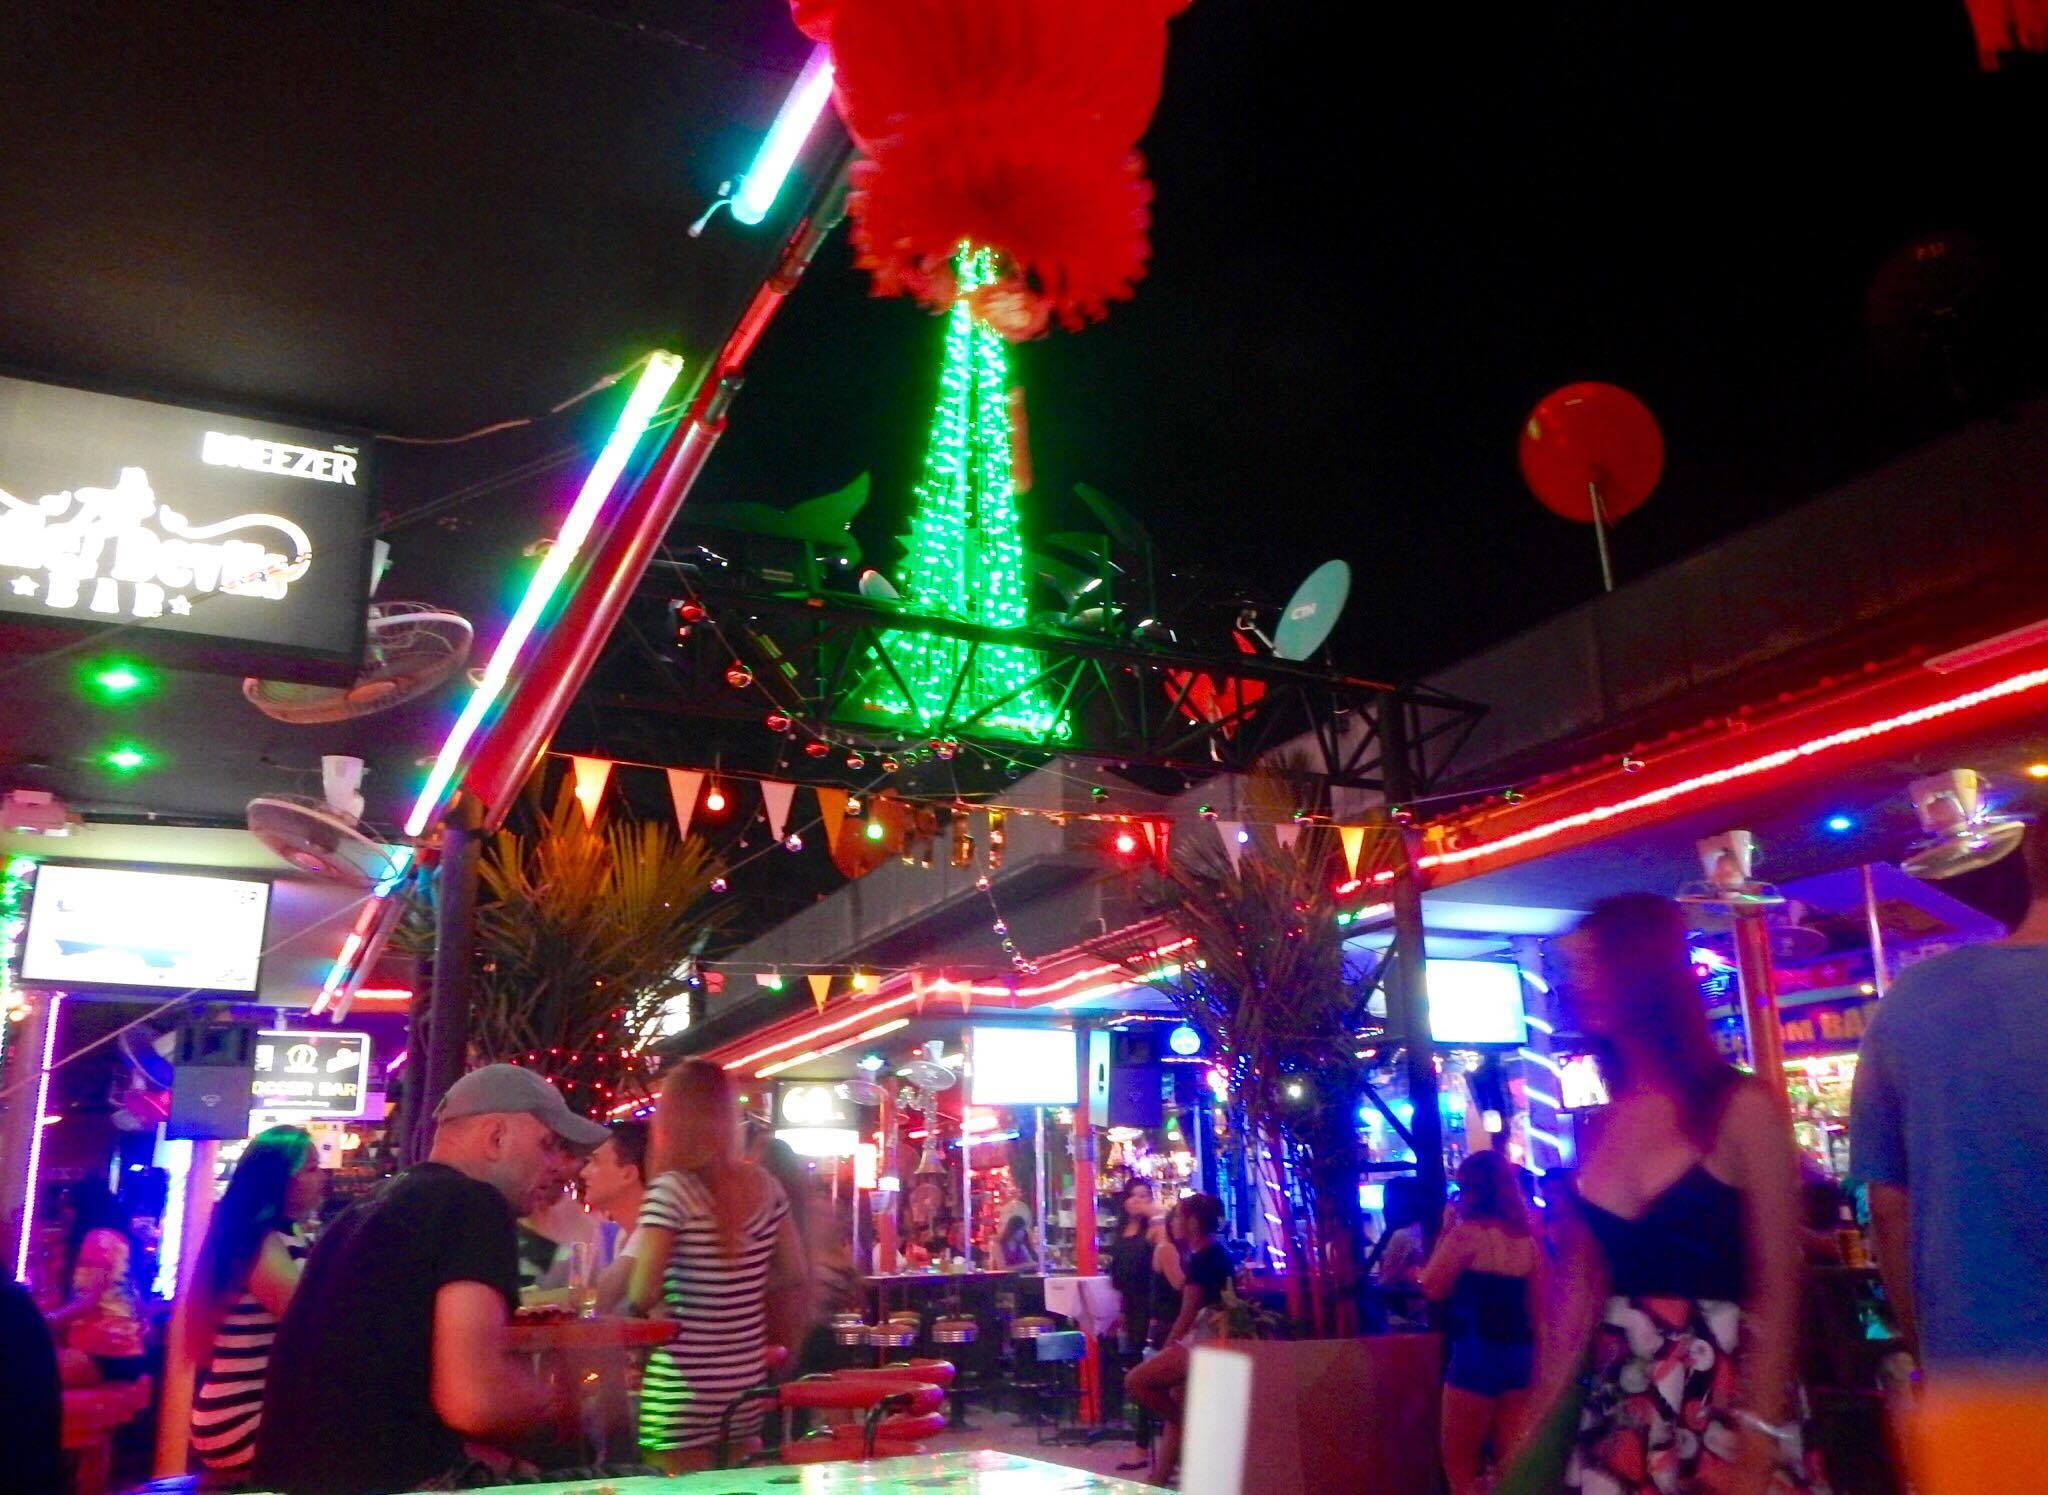 Phuket Thailand Nightlife Energy City Travel Blogger Inspiration